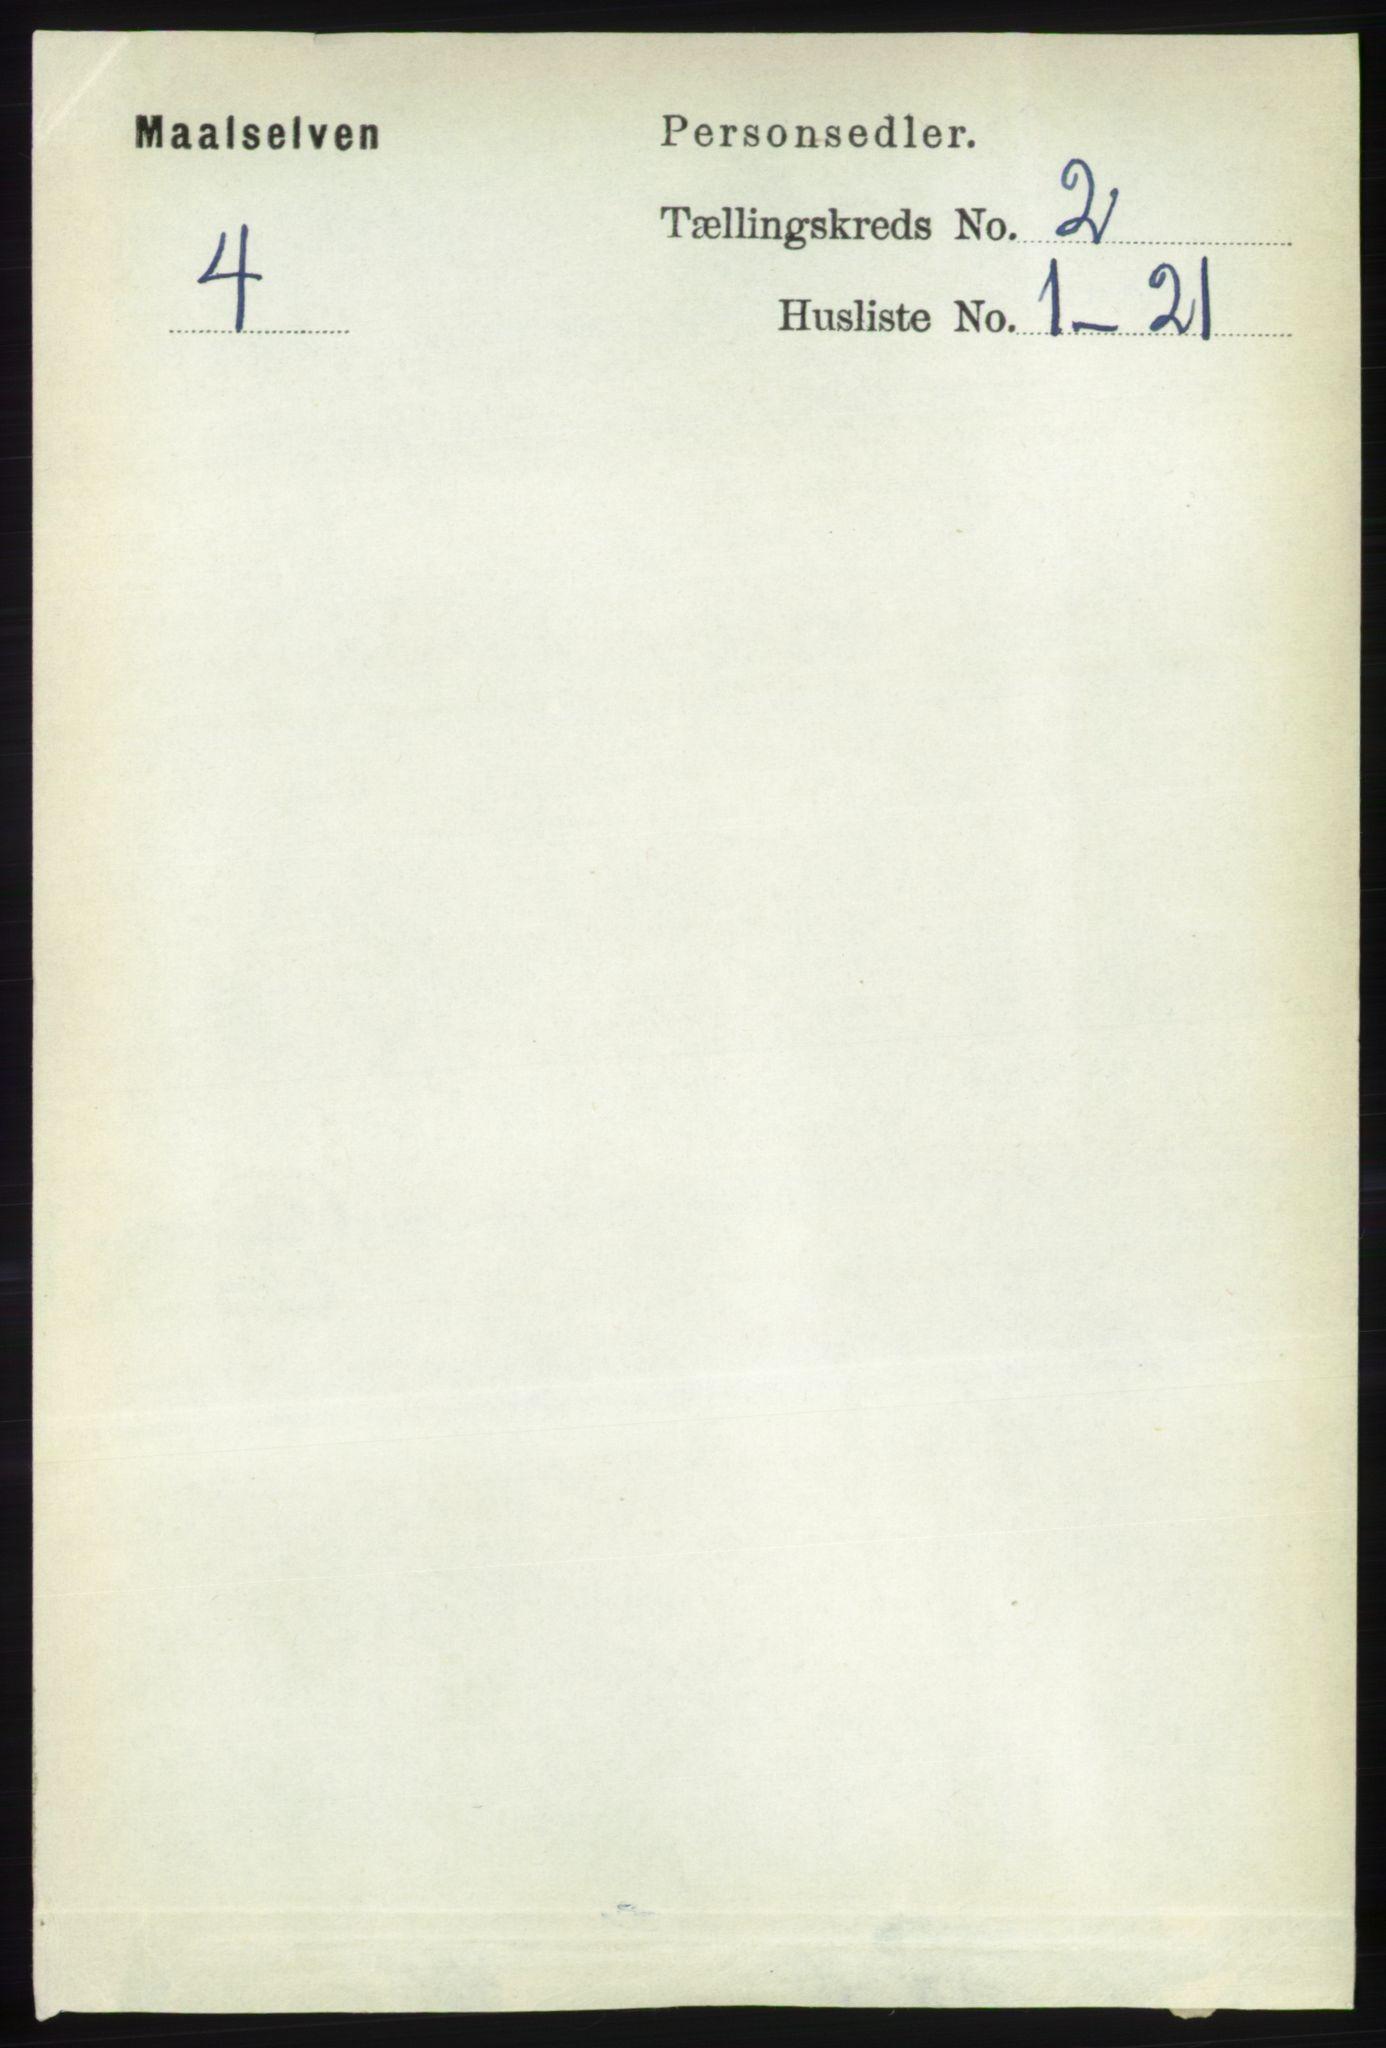 RA, Folketelling 1891 for 1924 Målselv herred, 1891, s. 299